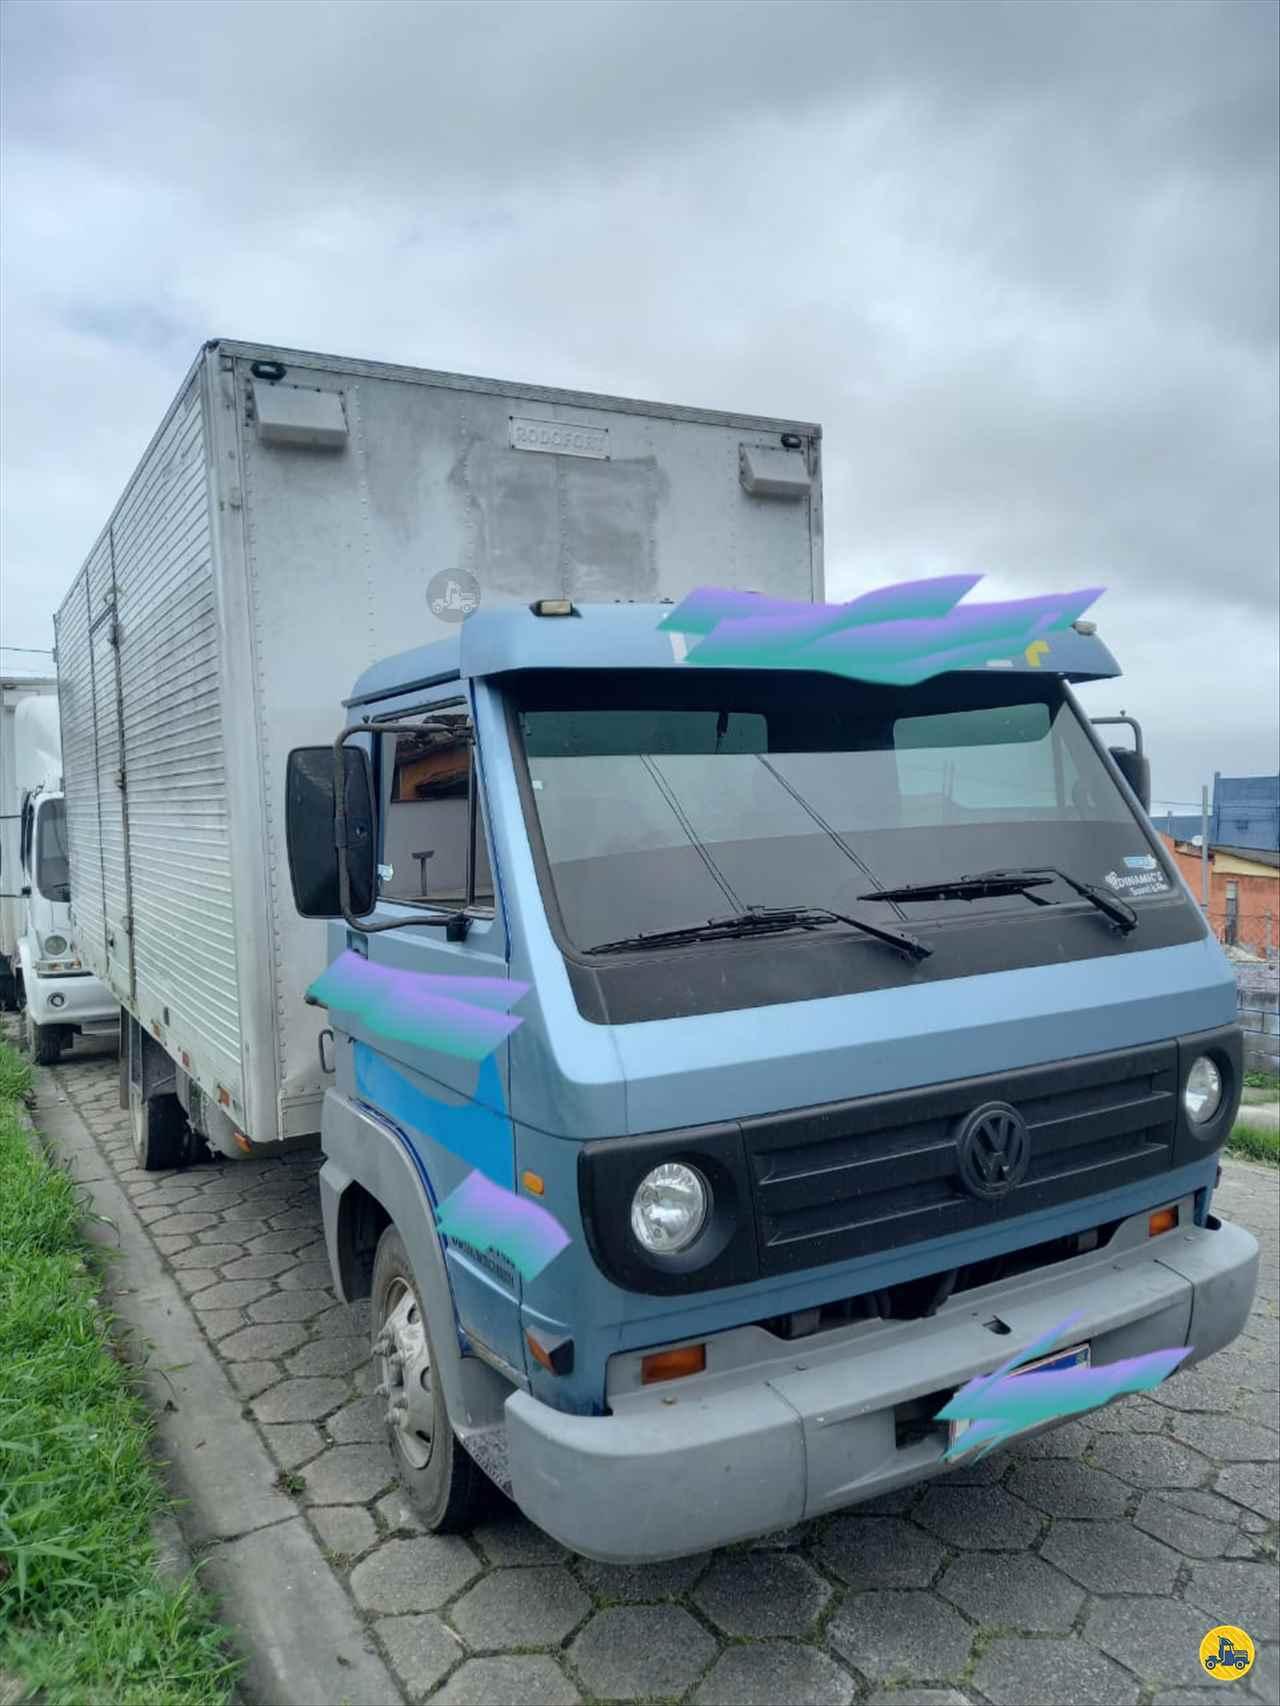 CAMINHAO VOLKSWAGEN VW 8150 Baú Furgão Toco 4x2 Wilson Caminhões RIBEIRAO PIRES SÃO PAULO SP